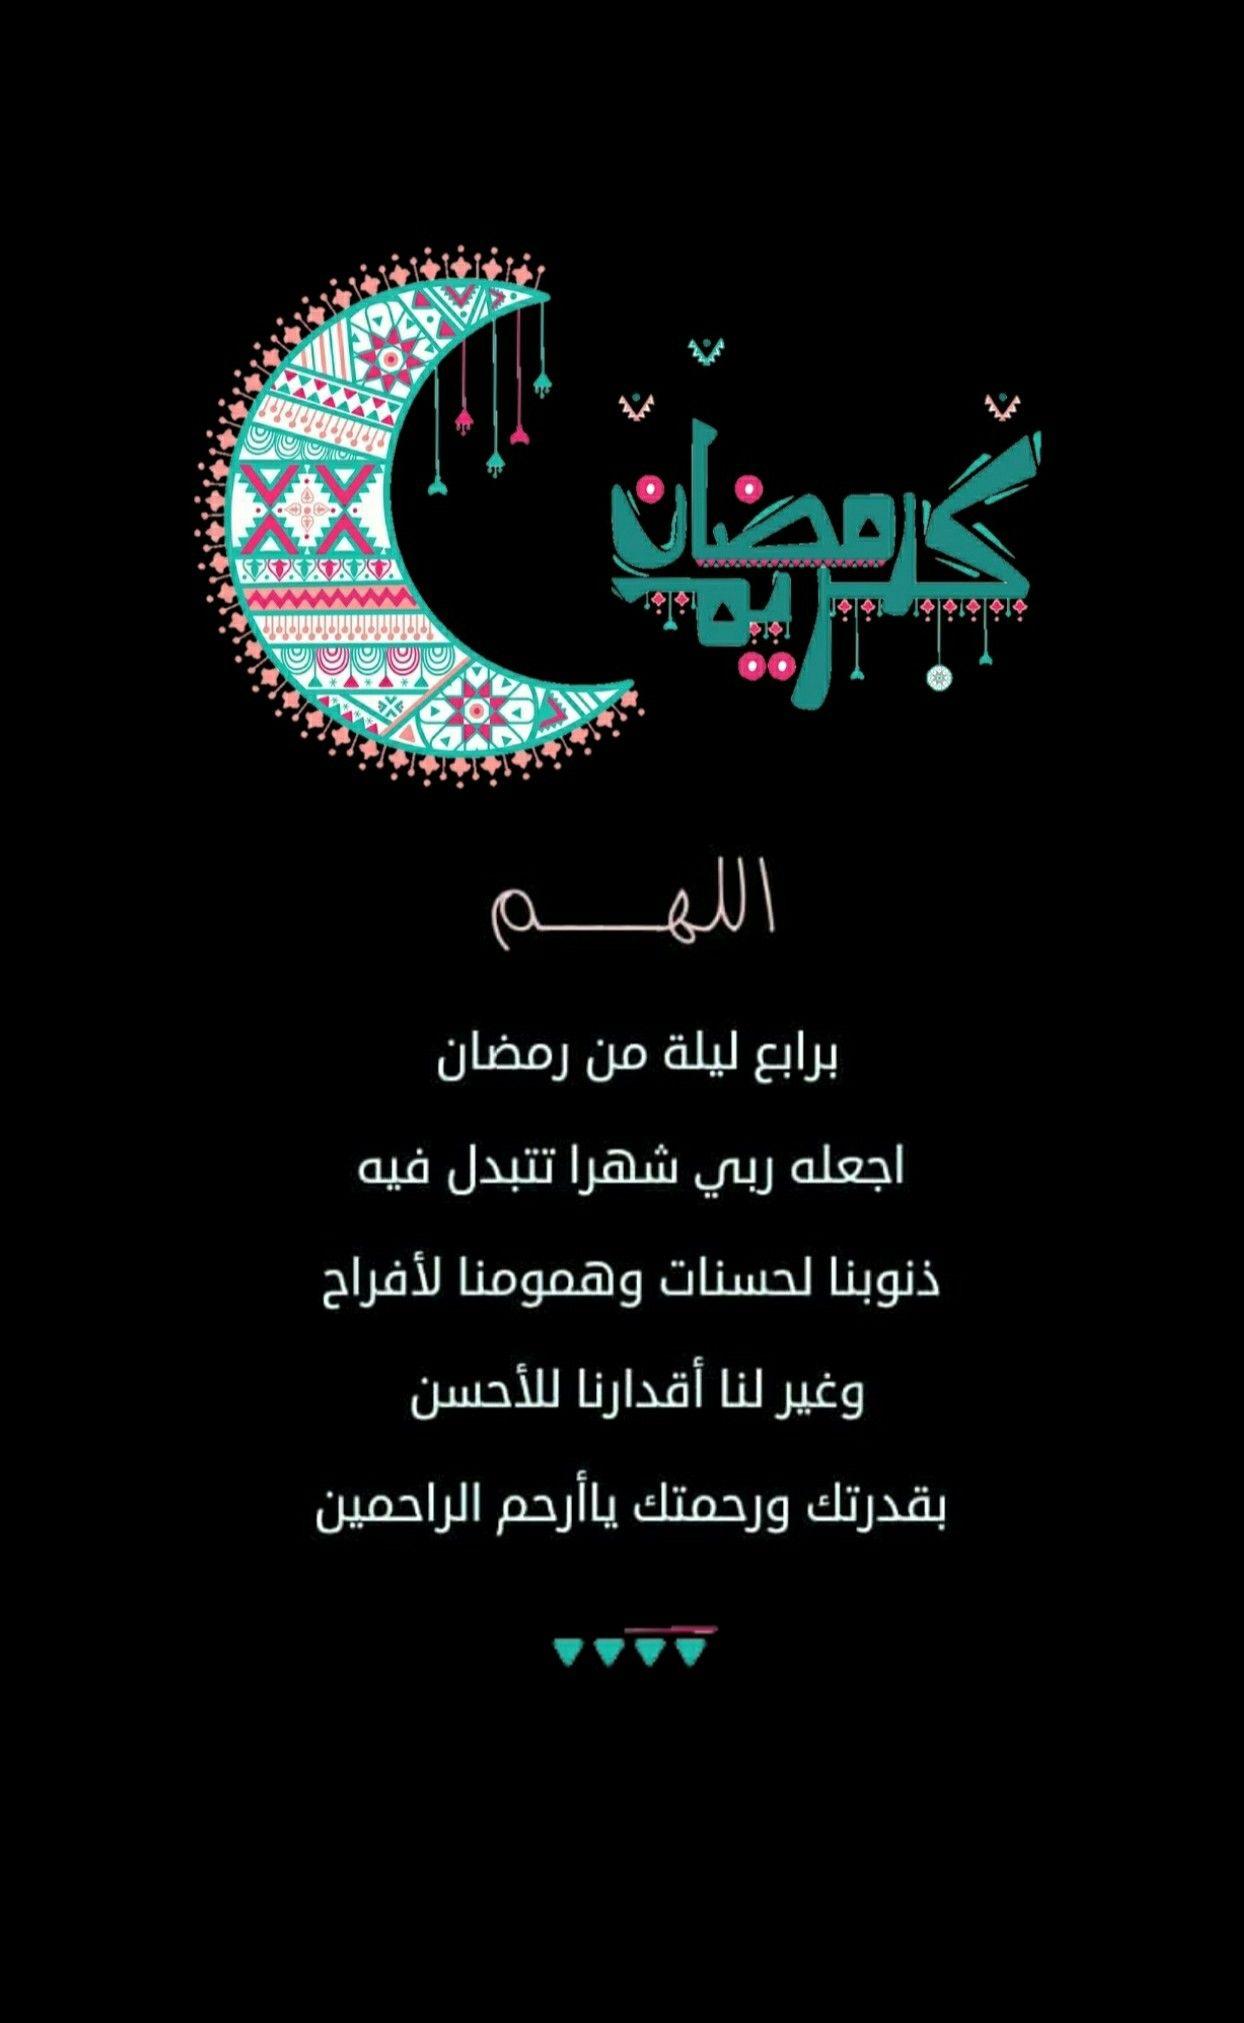 الـلــ هــم برابع ليلة من رمضان إجعله ربي شهرا تتبدل فيه ذنوبنا لحسنات وهمومنا لأفراح وغير لنا أقد Ramadan Quotes Ramadan Kareem Pictures Ramadan Prayer